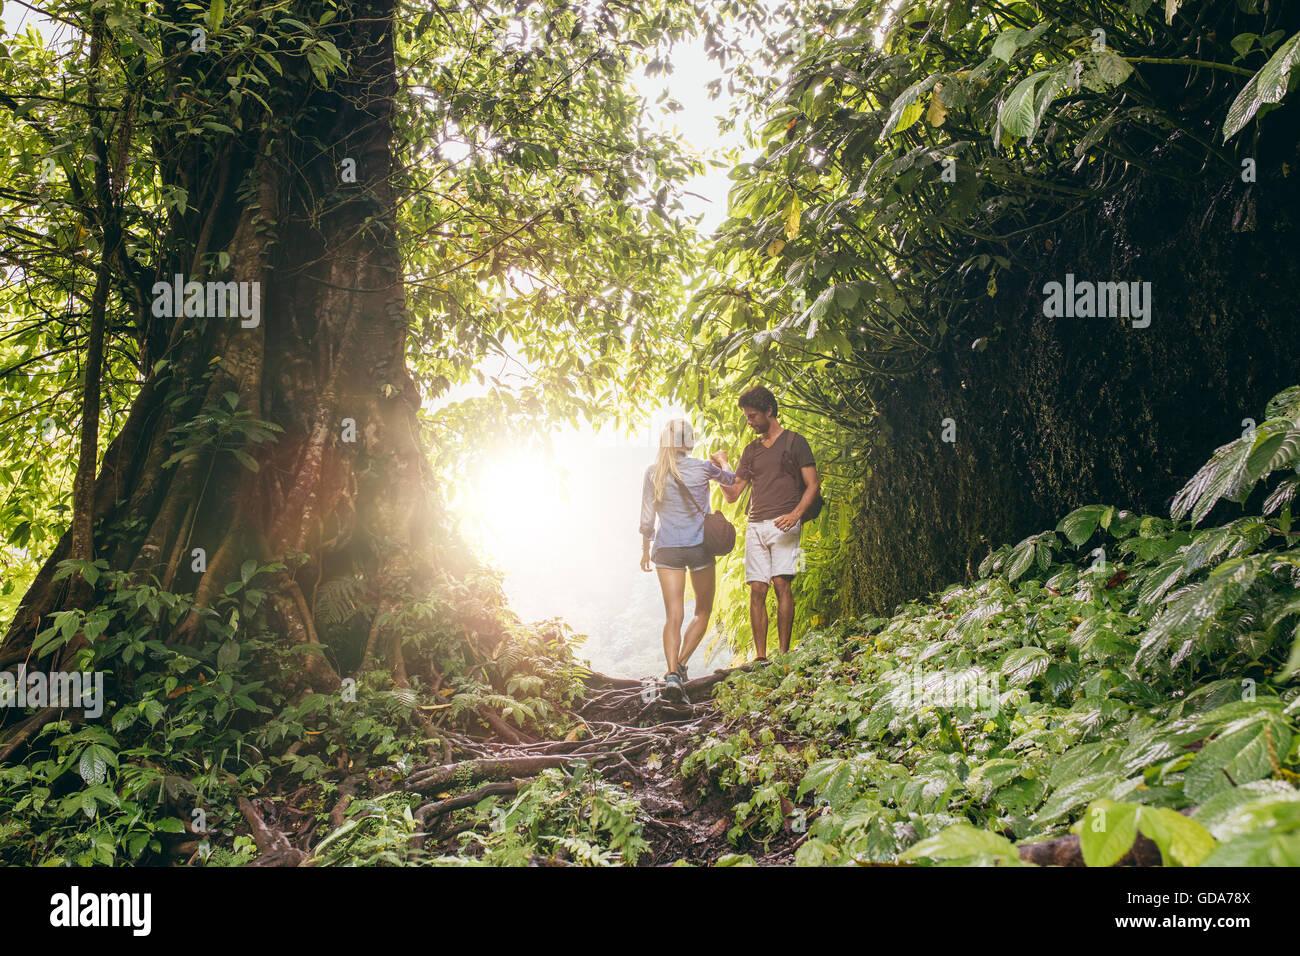 Mujer joven y caminatas en la selva tropical. Par de excursionistas caminando por pista forestal. Imagen De Stock